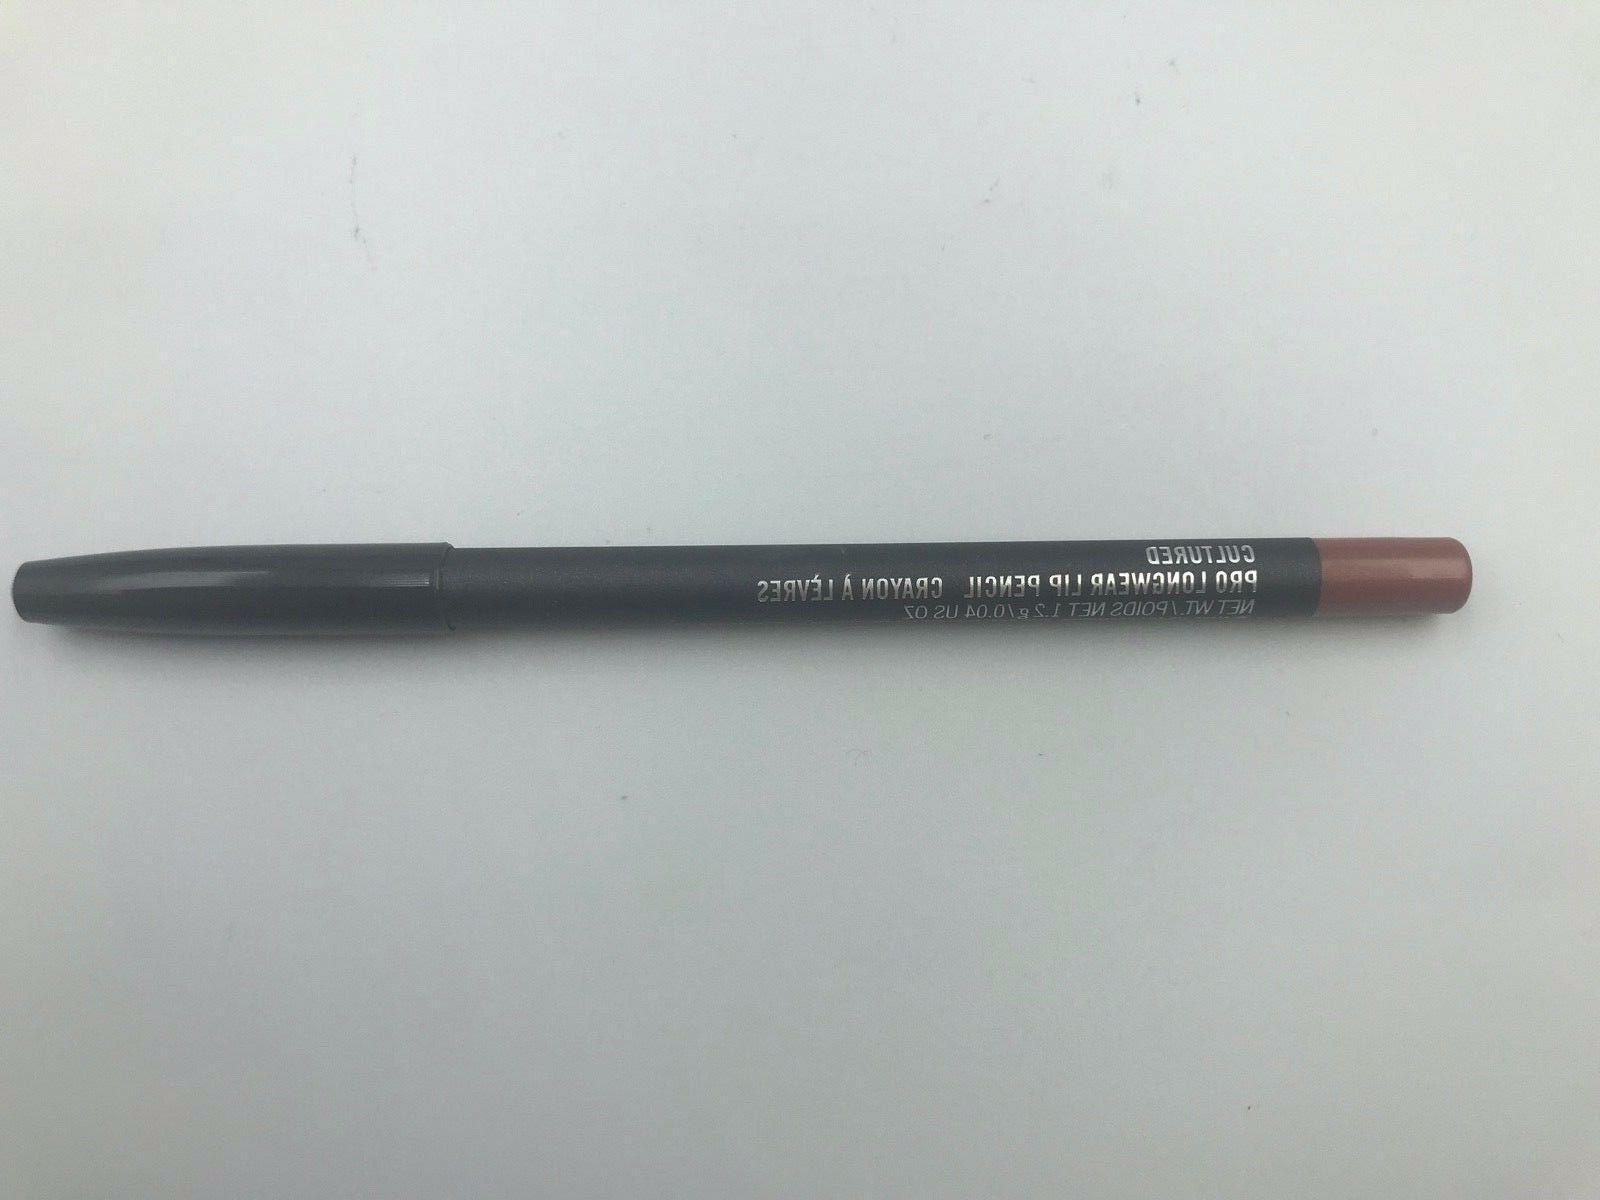 Mac Pro Pencil *CULTURED* 1.45 g / Oz.